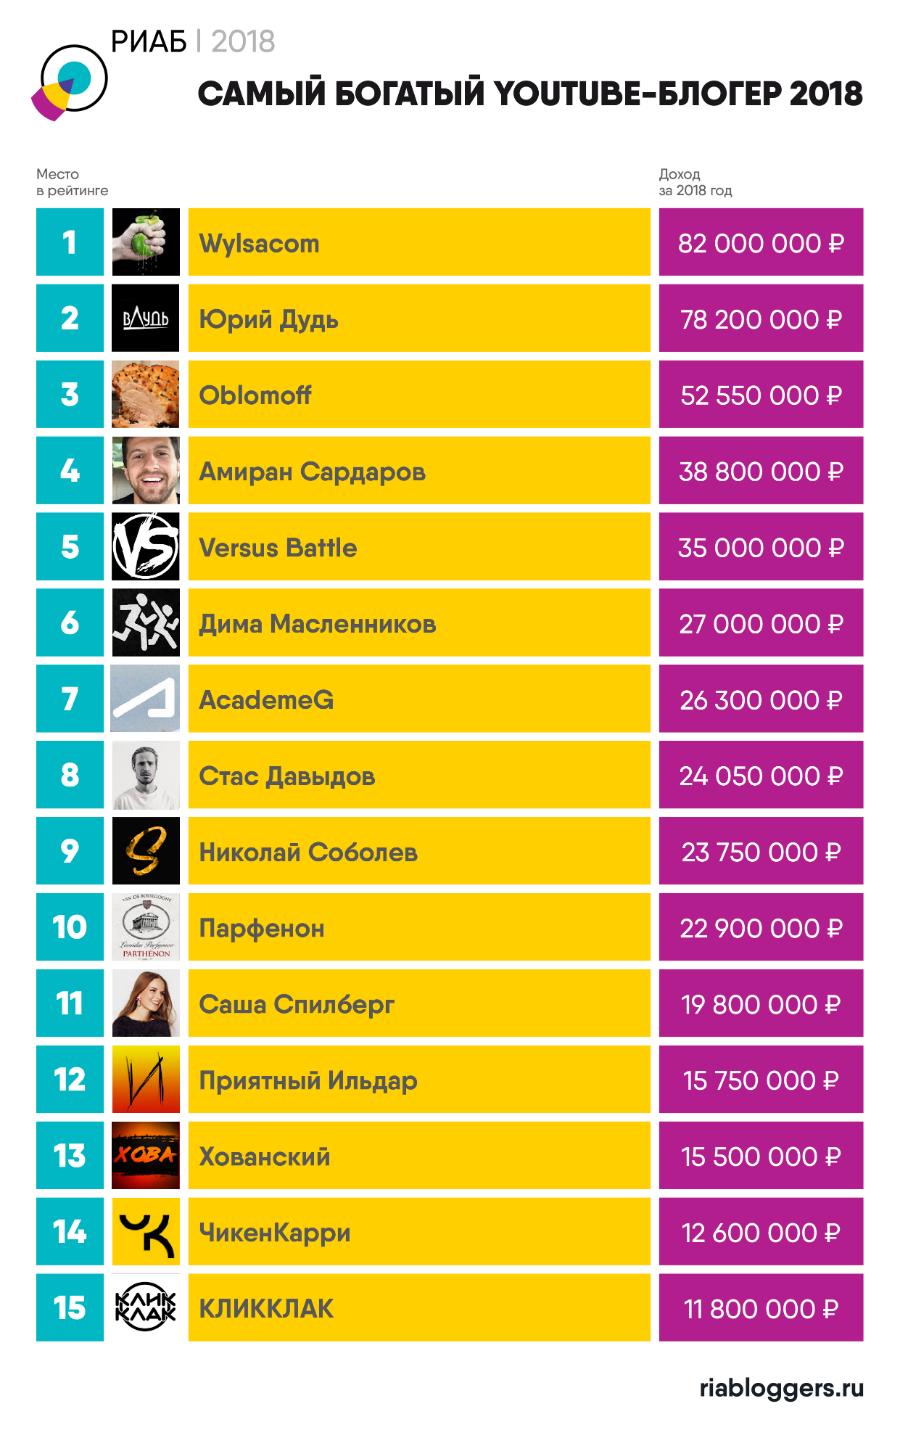 64449755bf3 Названы 15 самых богатых YouTube-блогеров в России - Adindex.ru